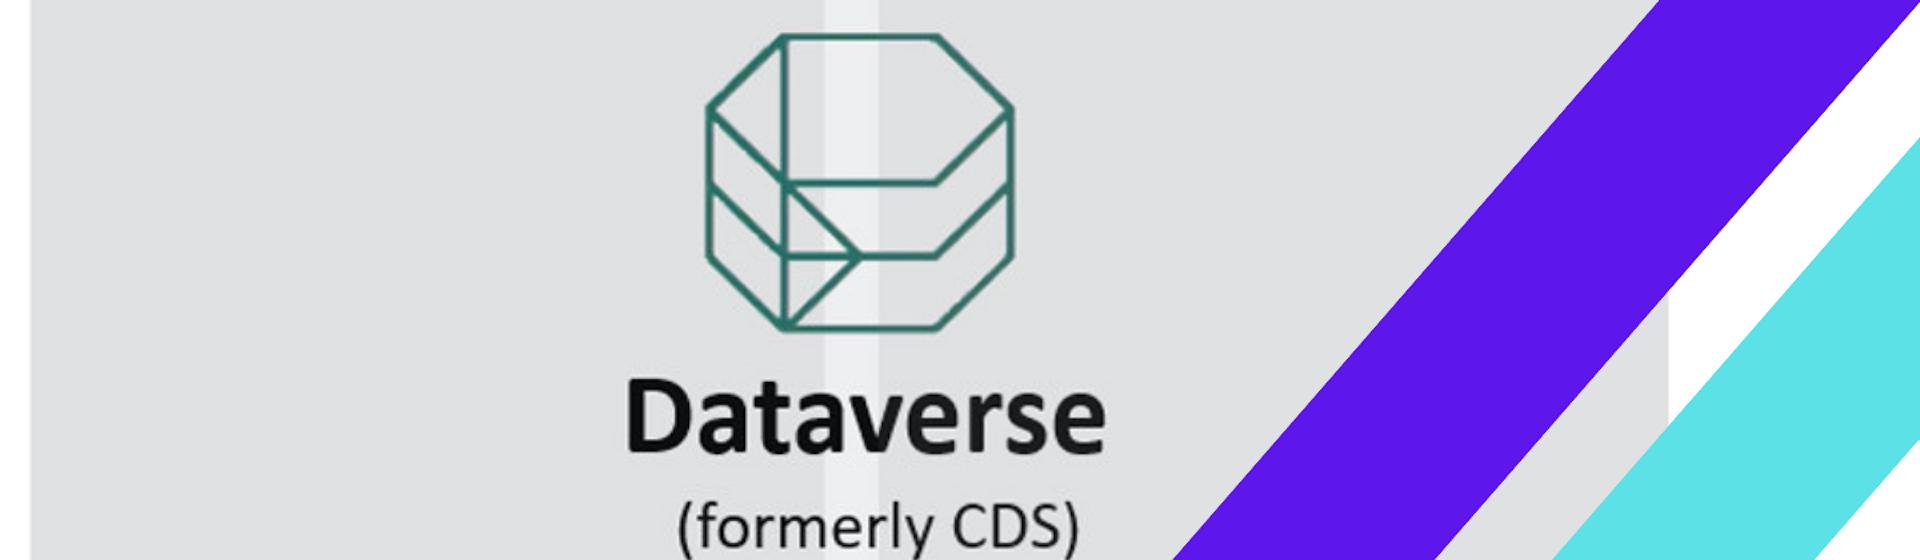 ¡Conoce la innovación de Power Platforms con Microsoft Dataverse!